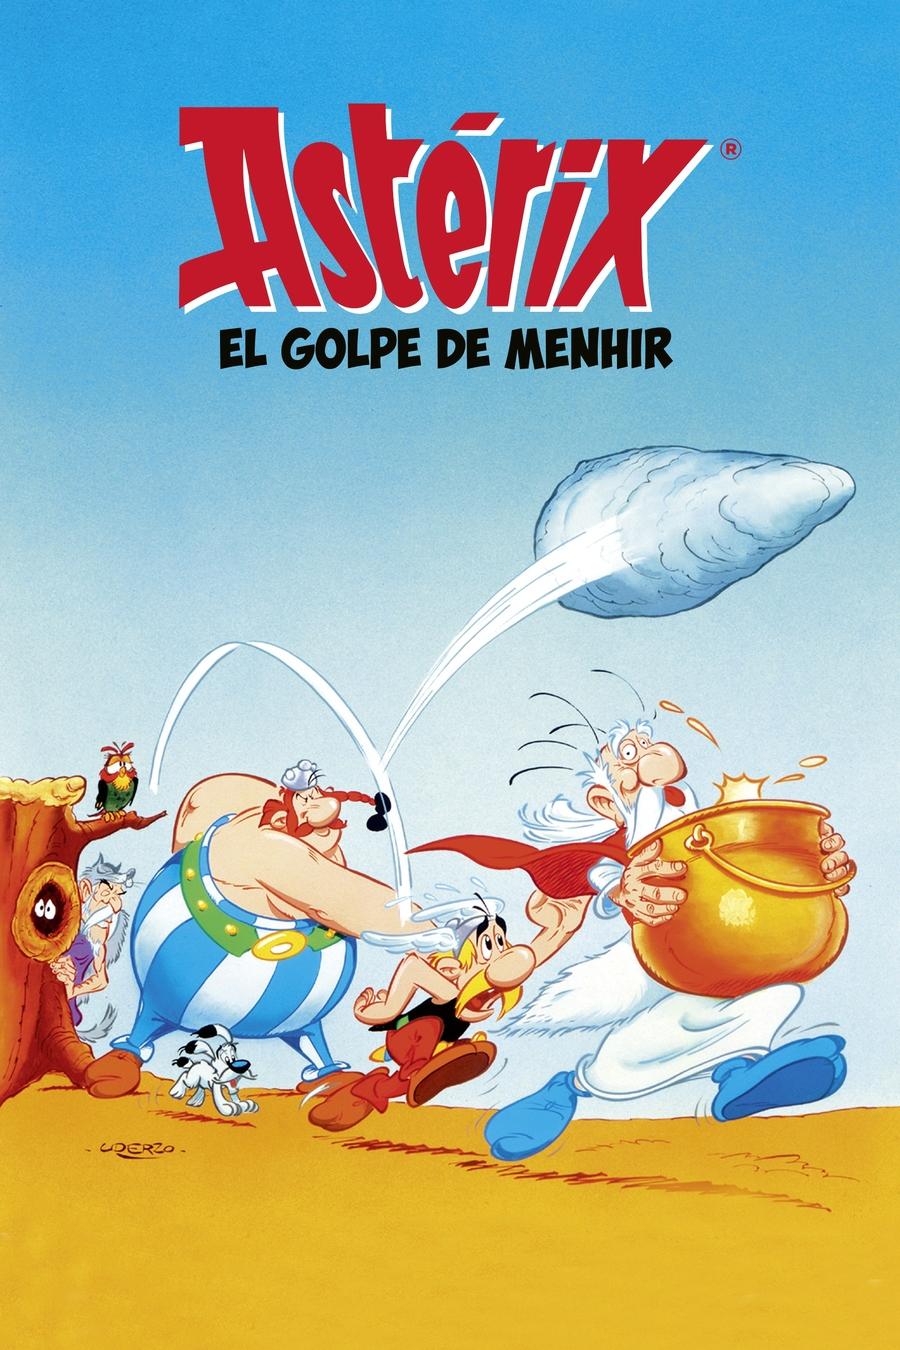 Astérix: El golpe de Menhir